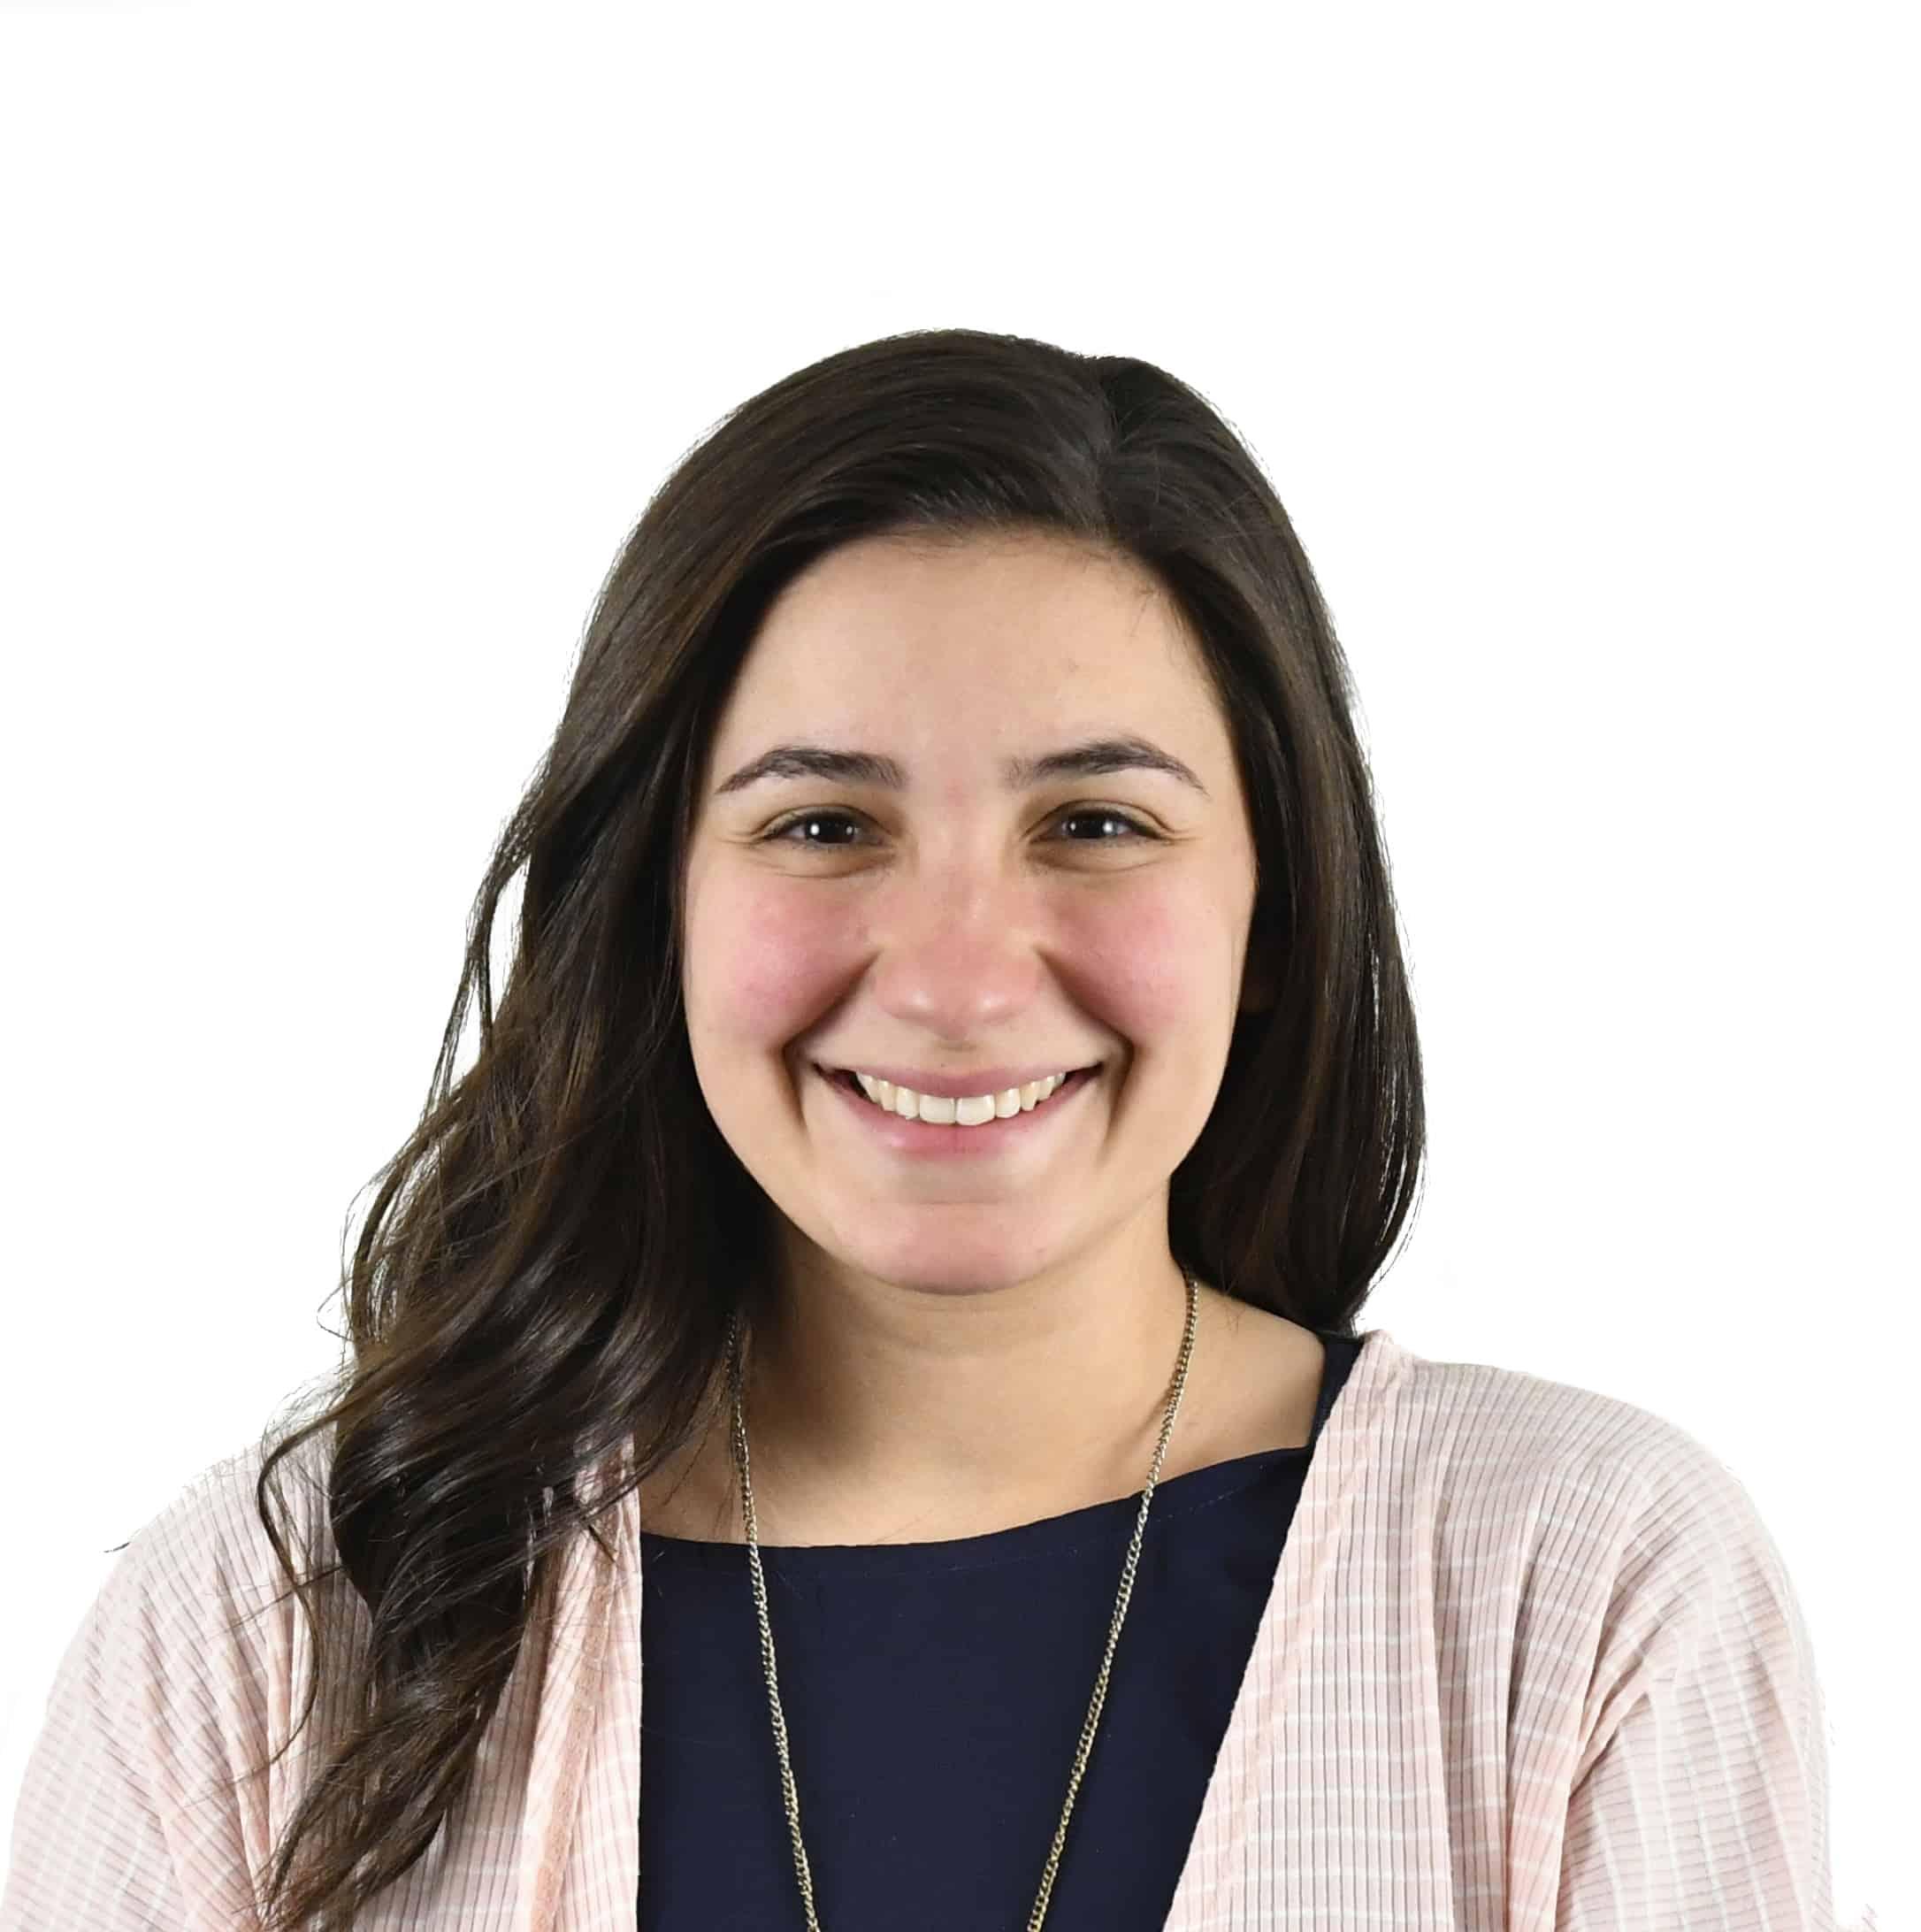 Sarah Agosta